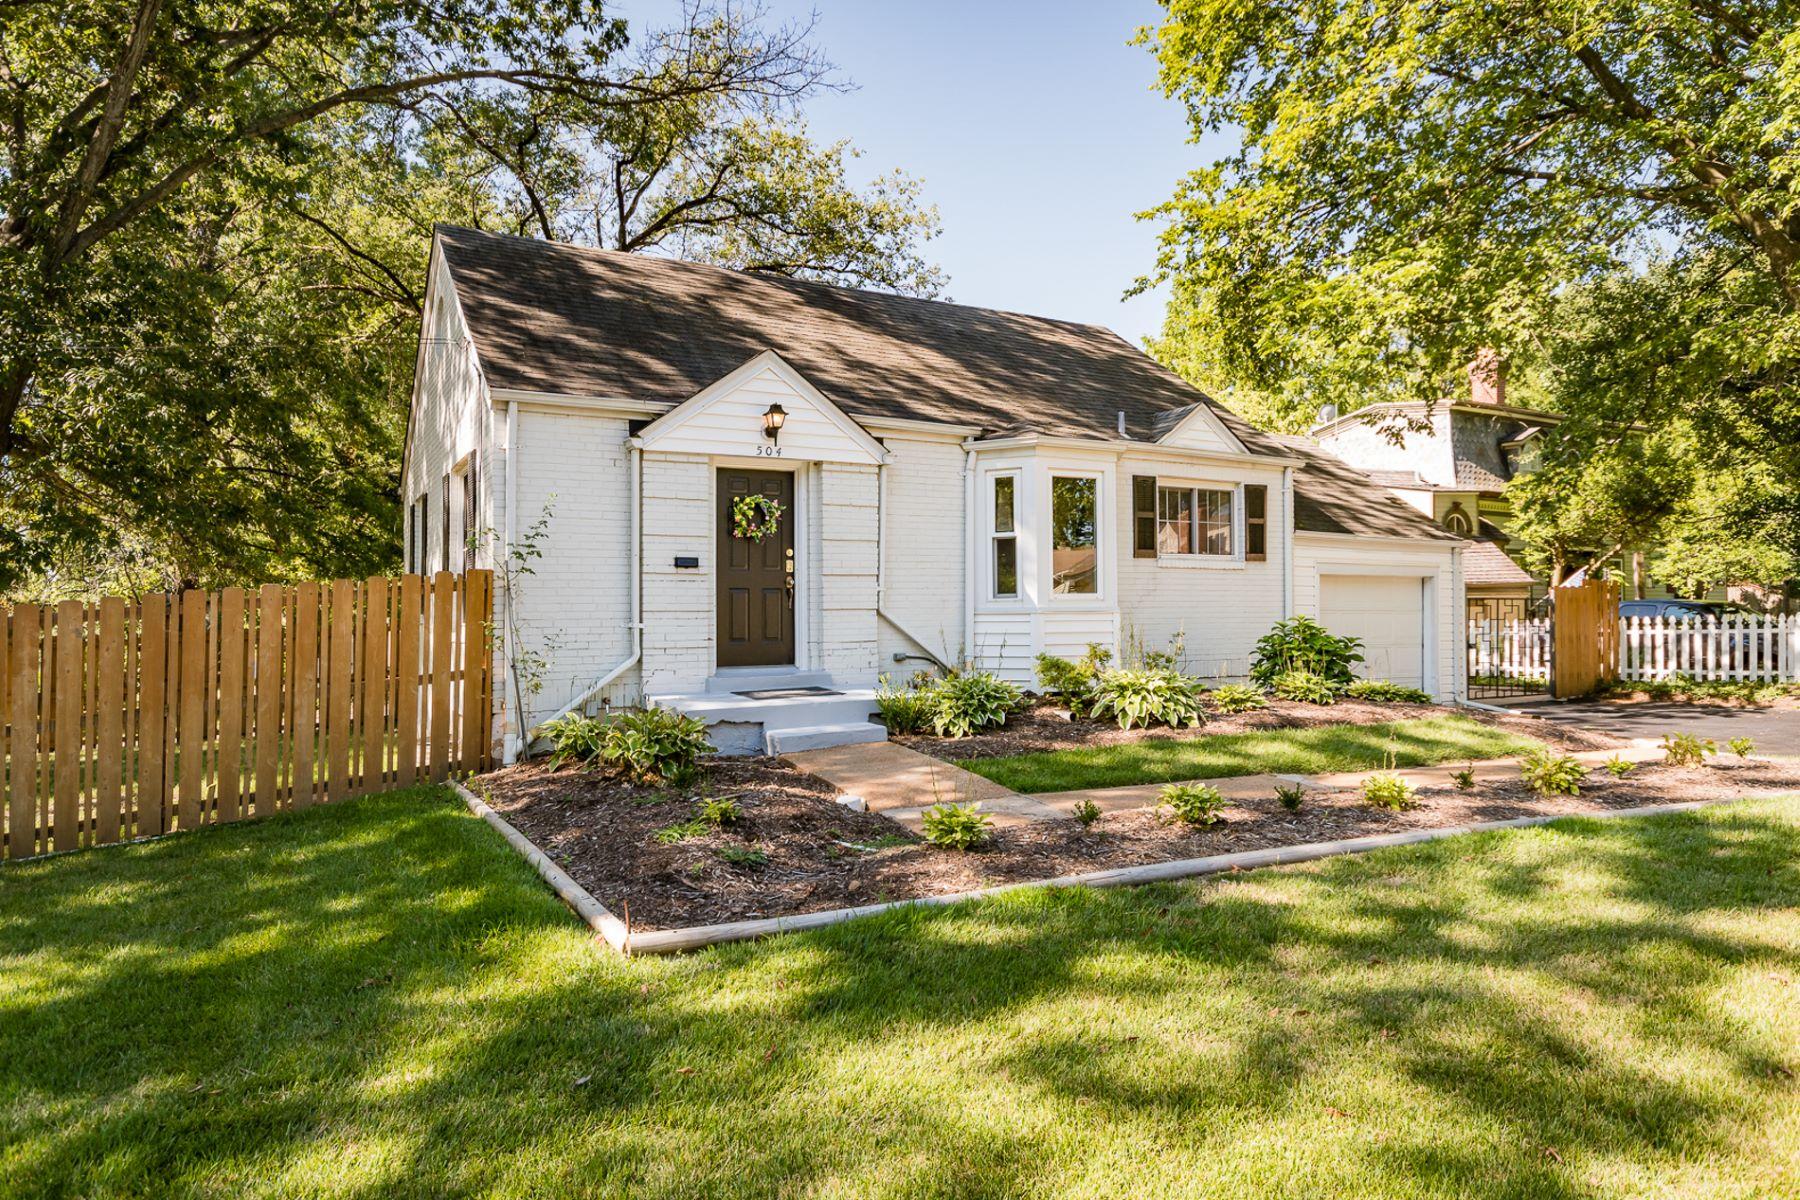 Частный односемейный дом для того Продажа на Mclain Lane 504 Mclaine Lane Kirkwood, Миссури, 63122 Соединенные Штаты